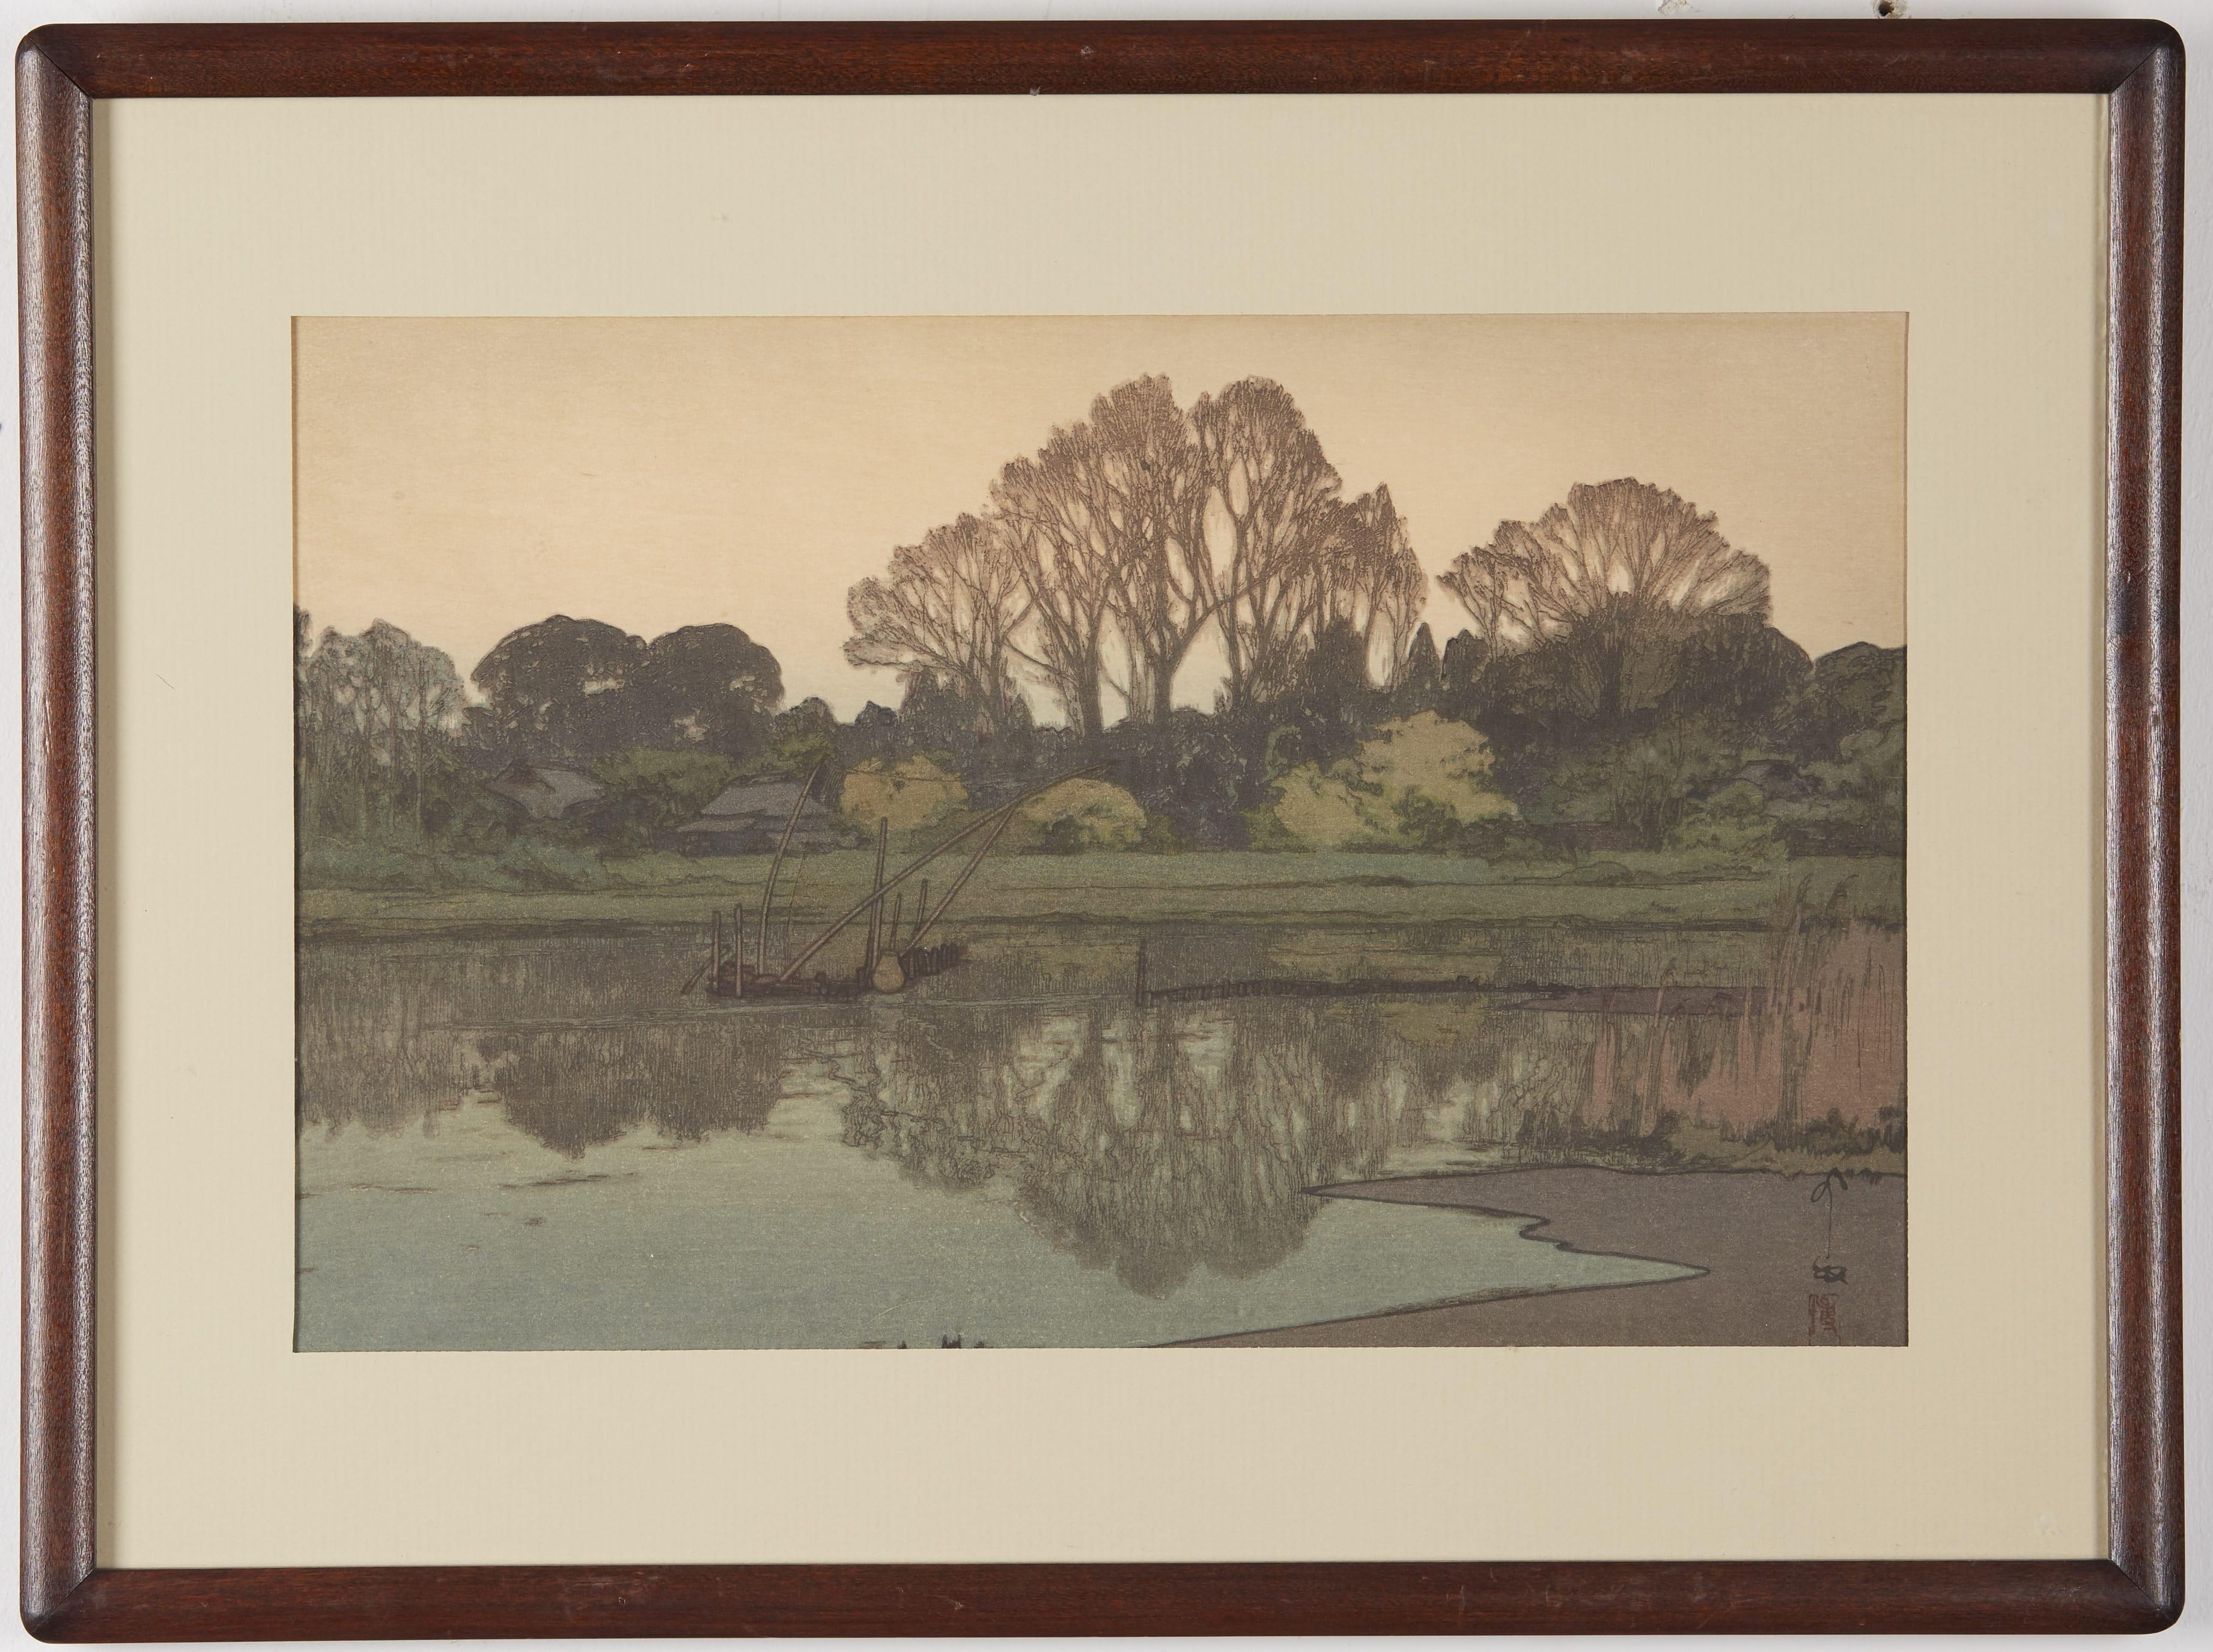 Lot 092: Hiroshi Yoshida Yoshikawa Woodblock Print